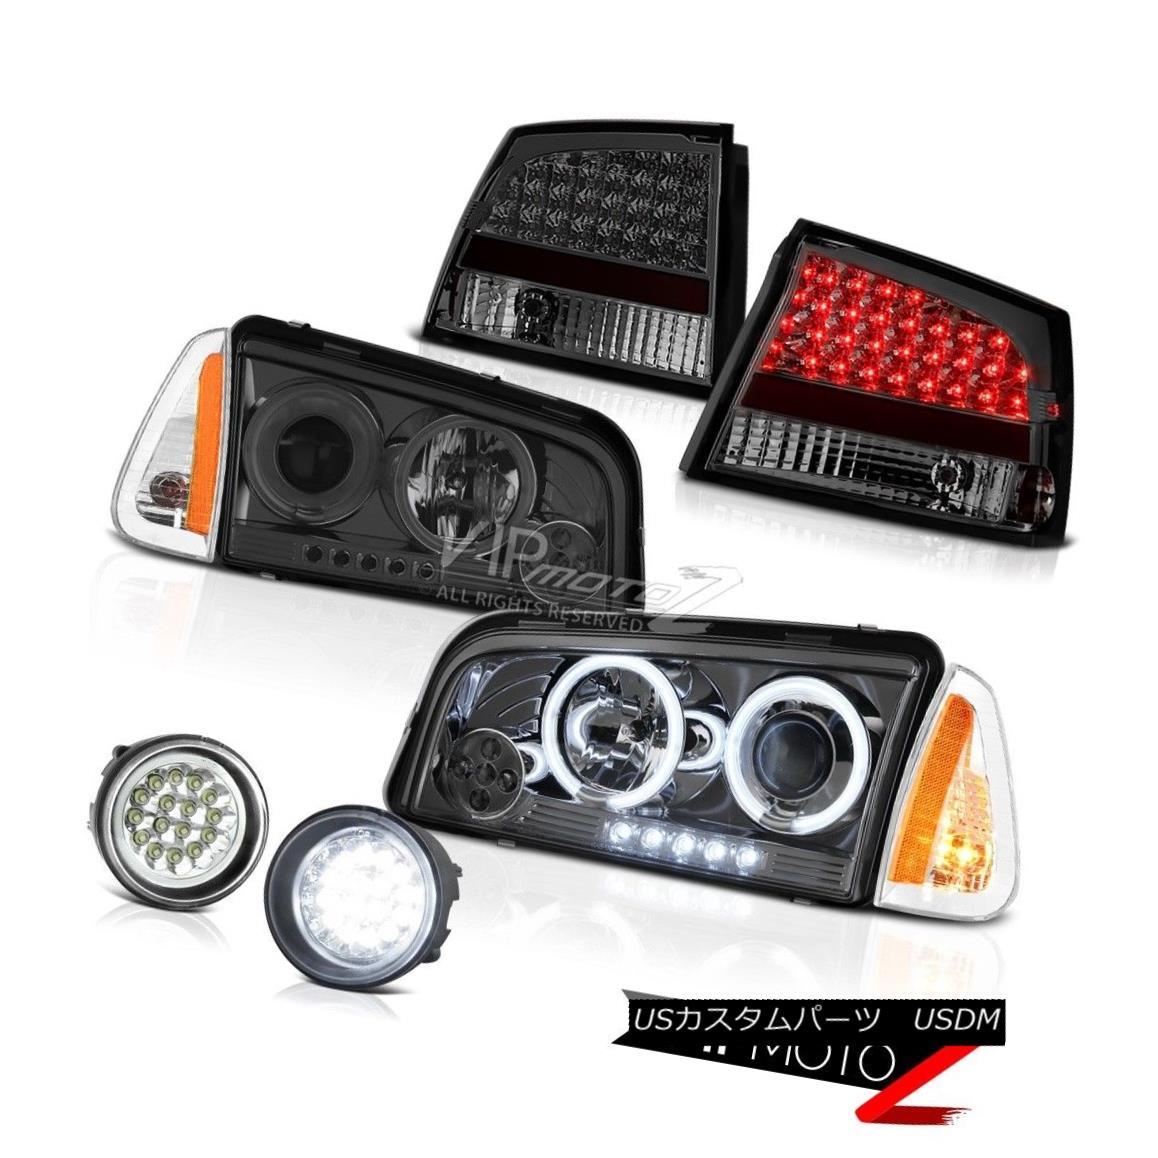 ヘッドライト 2009 2010 Dodge Charger 2.7L Fog lights parking brake light Projector Headlights 2009年のダッジチャージャー2.7Lの霧ライトパーキングブレーキライトプロジェクターヘッドライト